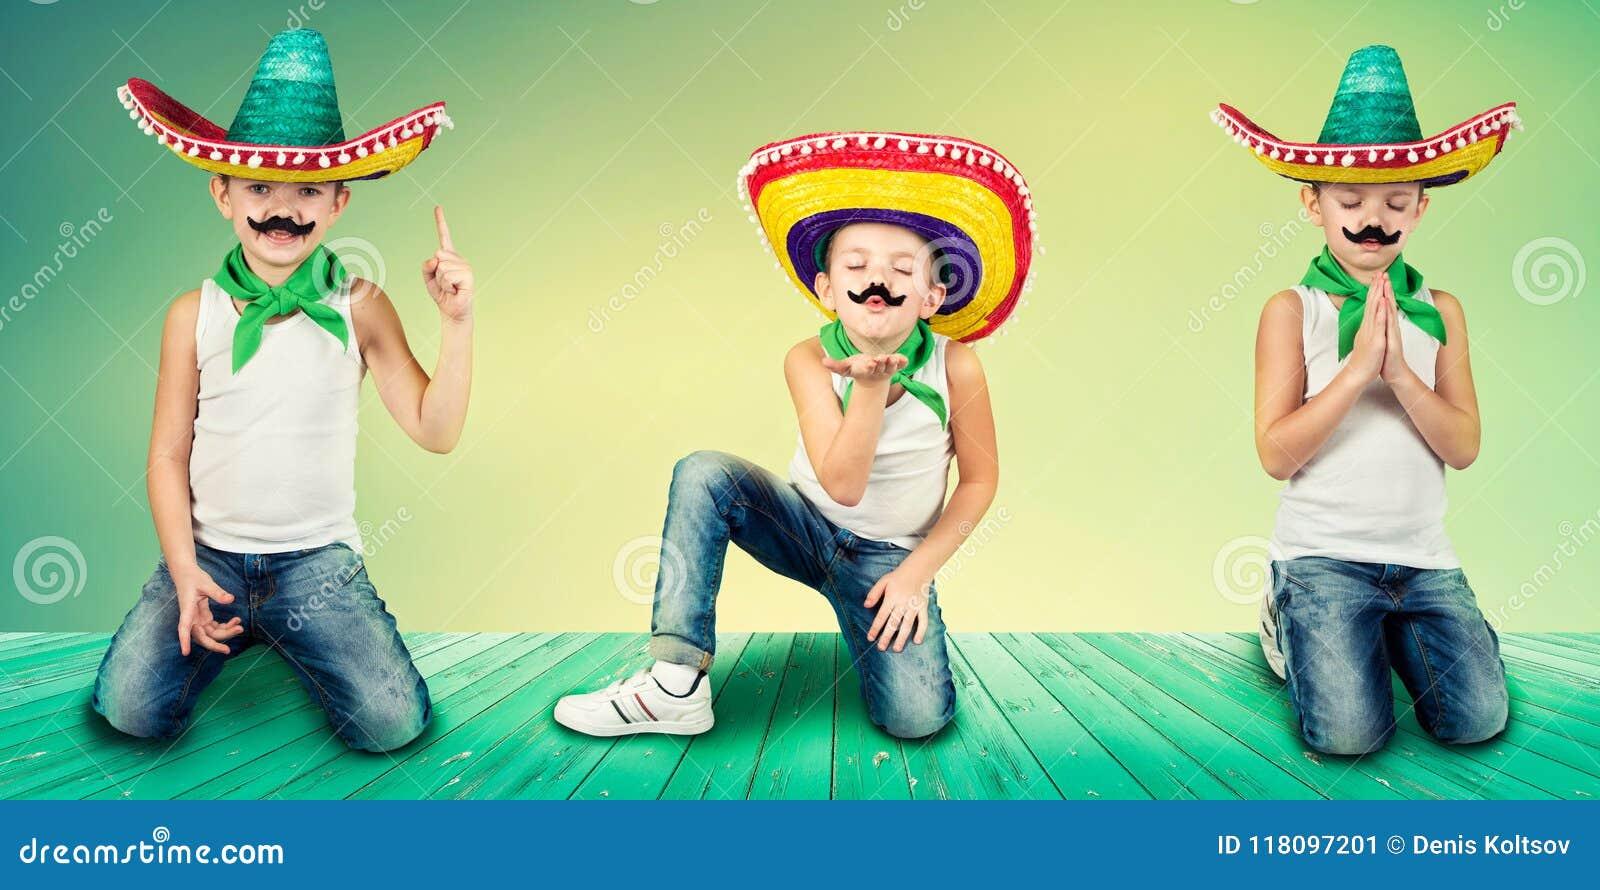 Grappige jongen in Mexicaanse sombrero collage